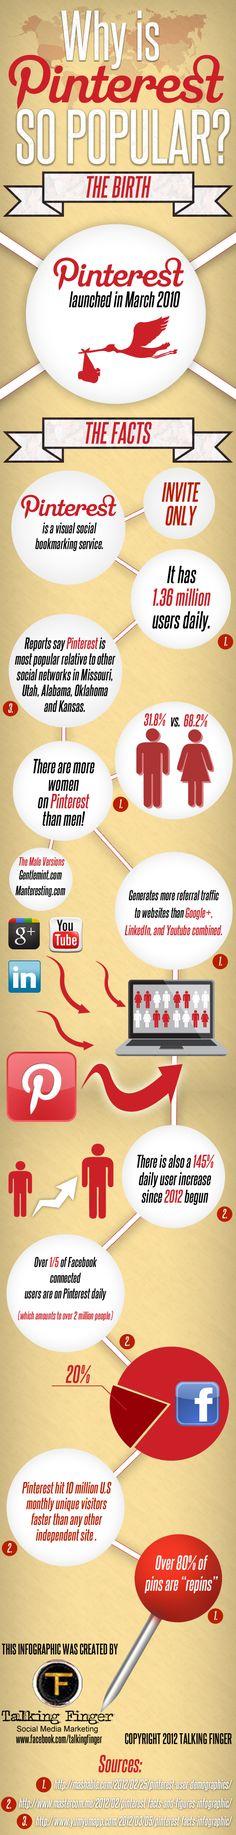 Hoe populair is Pinterest eigenlijk? Zie het hieronder! Een groeiend medium met veel mogelijkheden.